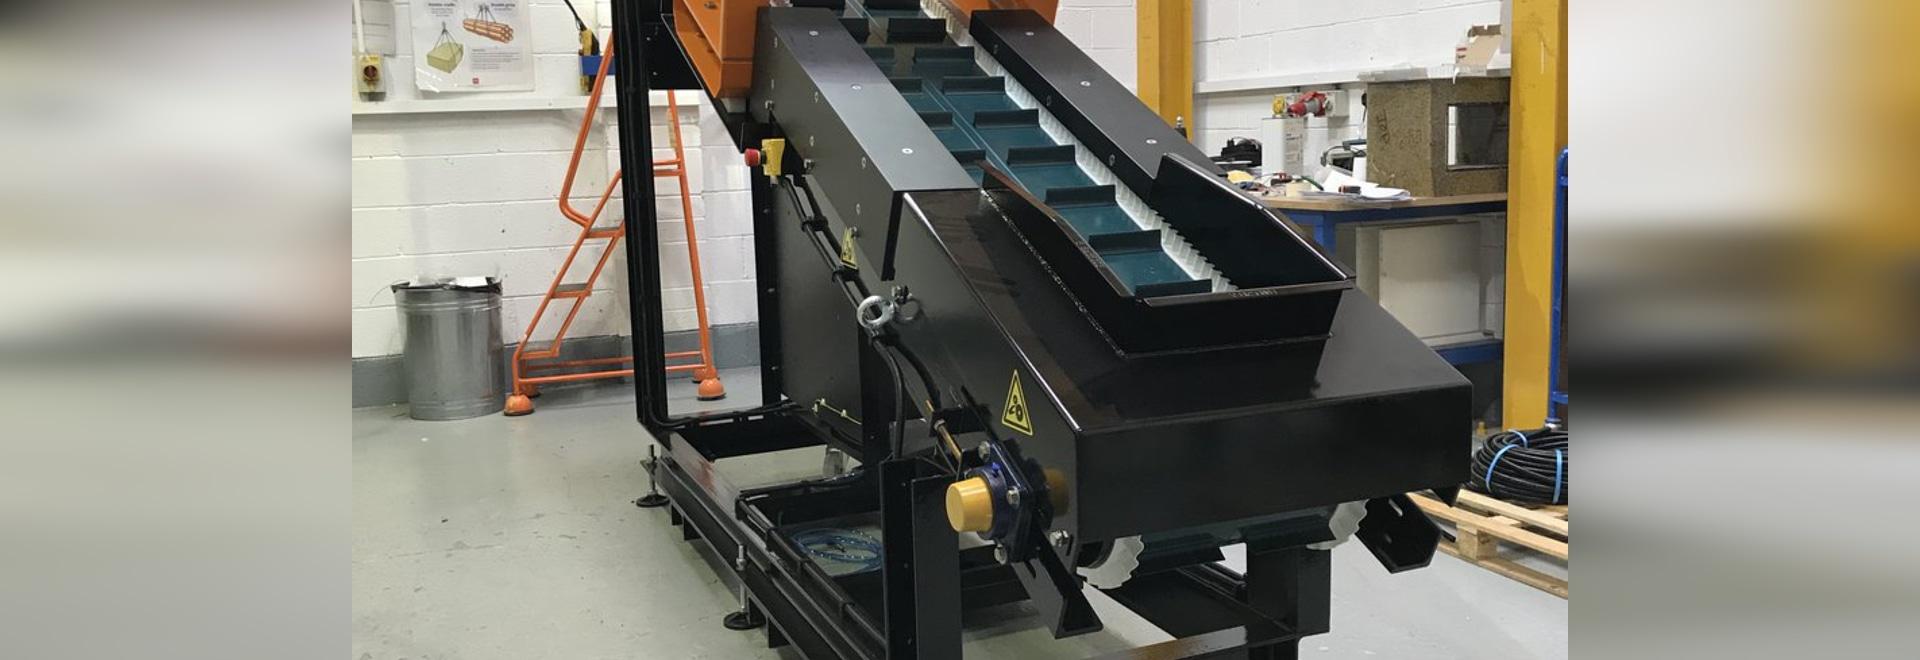 E-Z Tec 9000 R Détecteur de métaux avec système d'éjection pneumatique